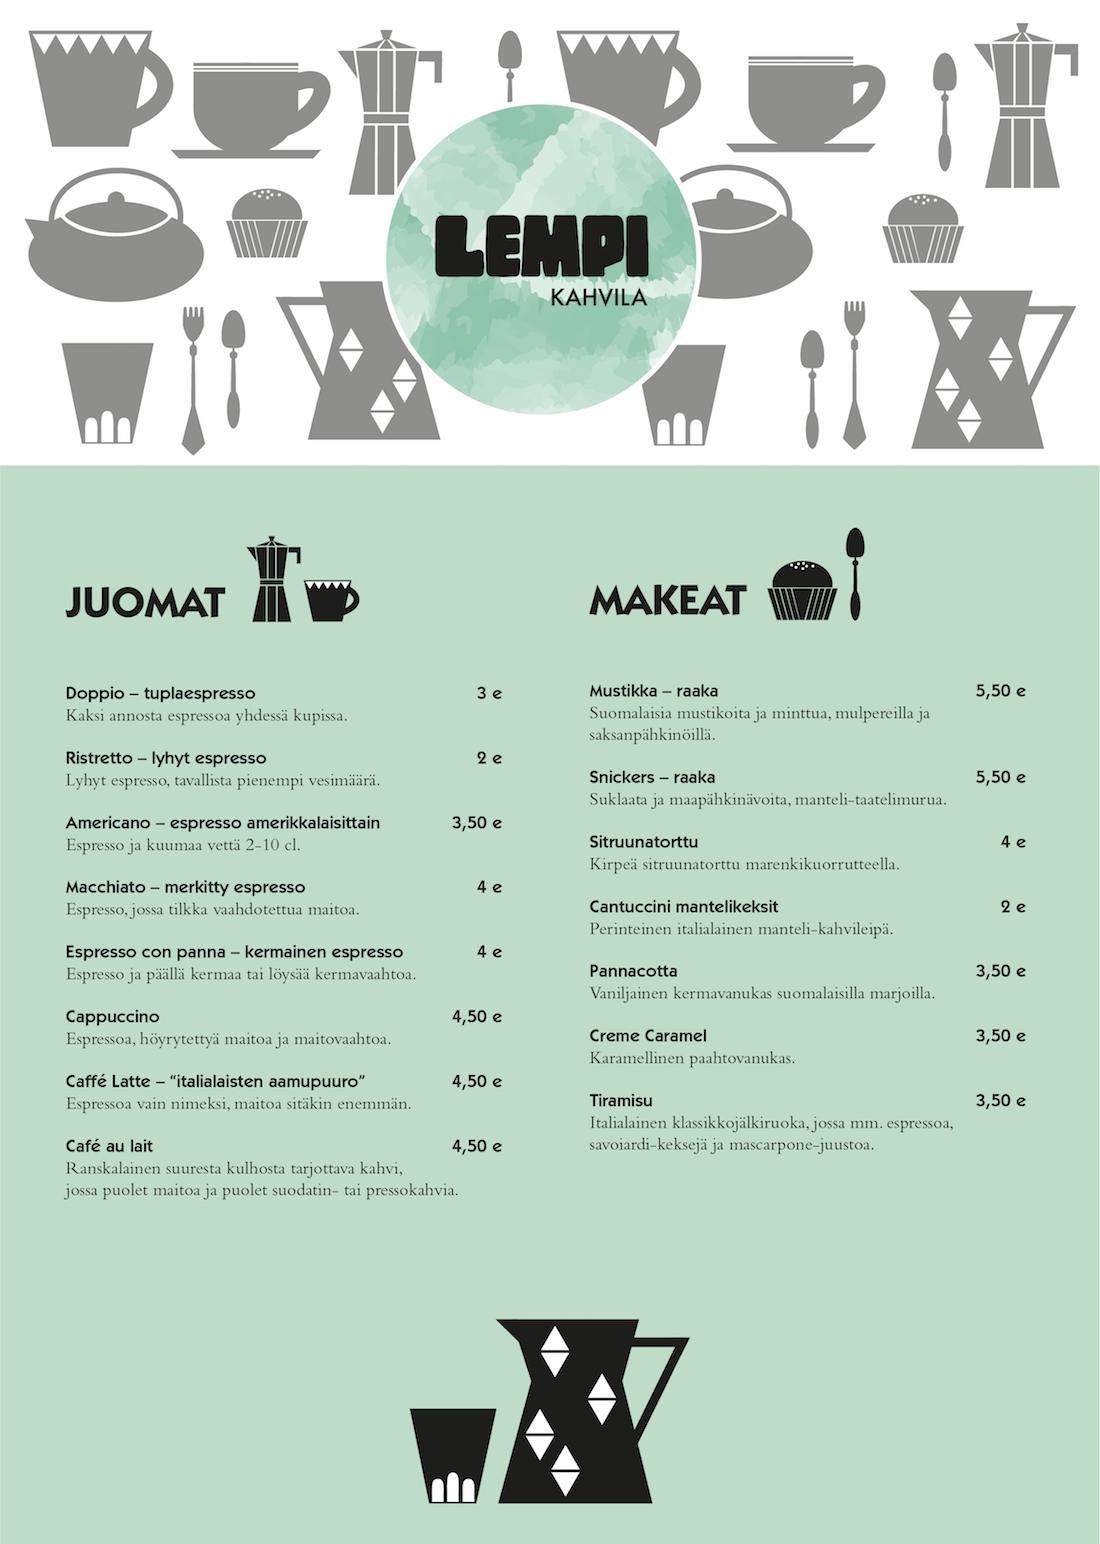 Lempi cafe menu_Inka Reijonen